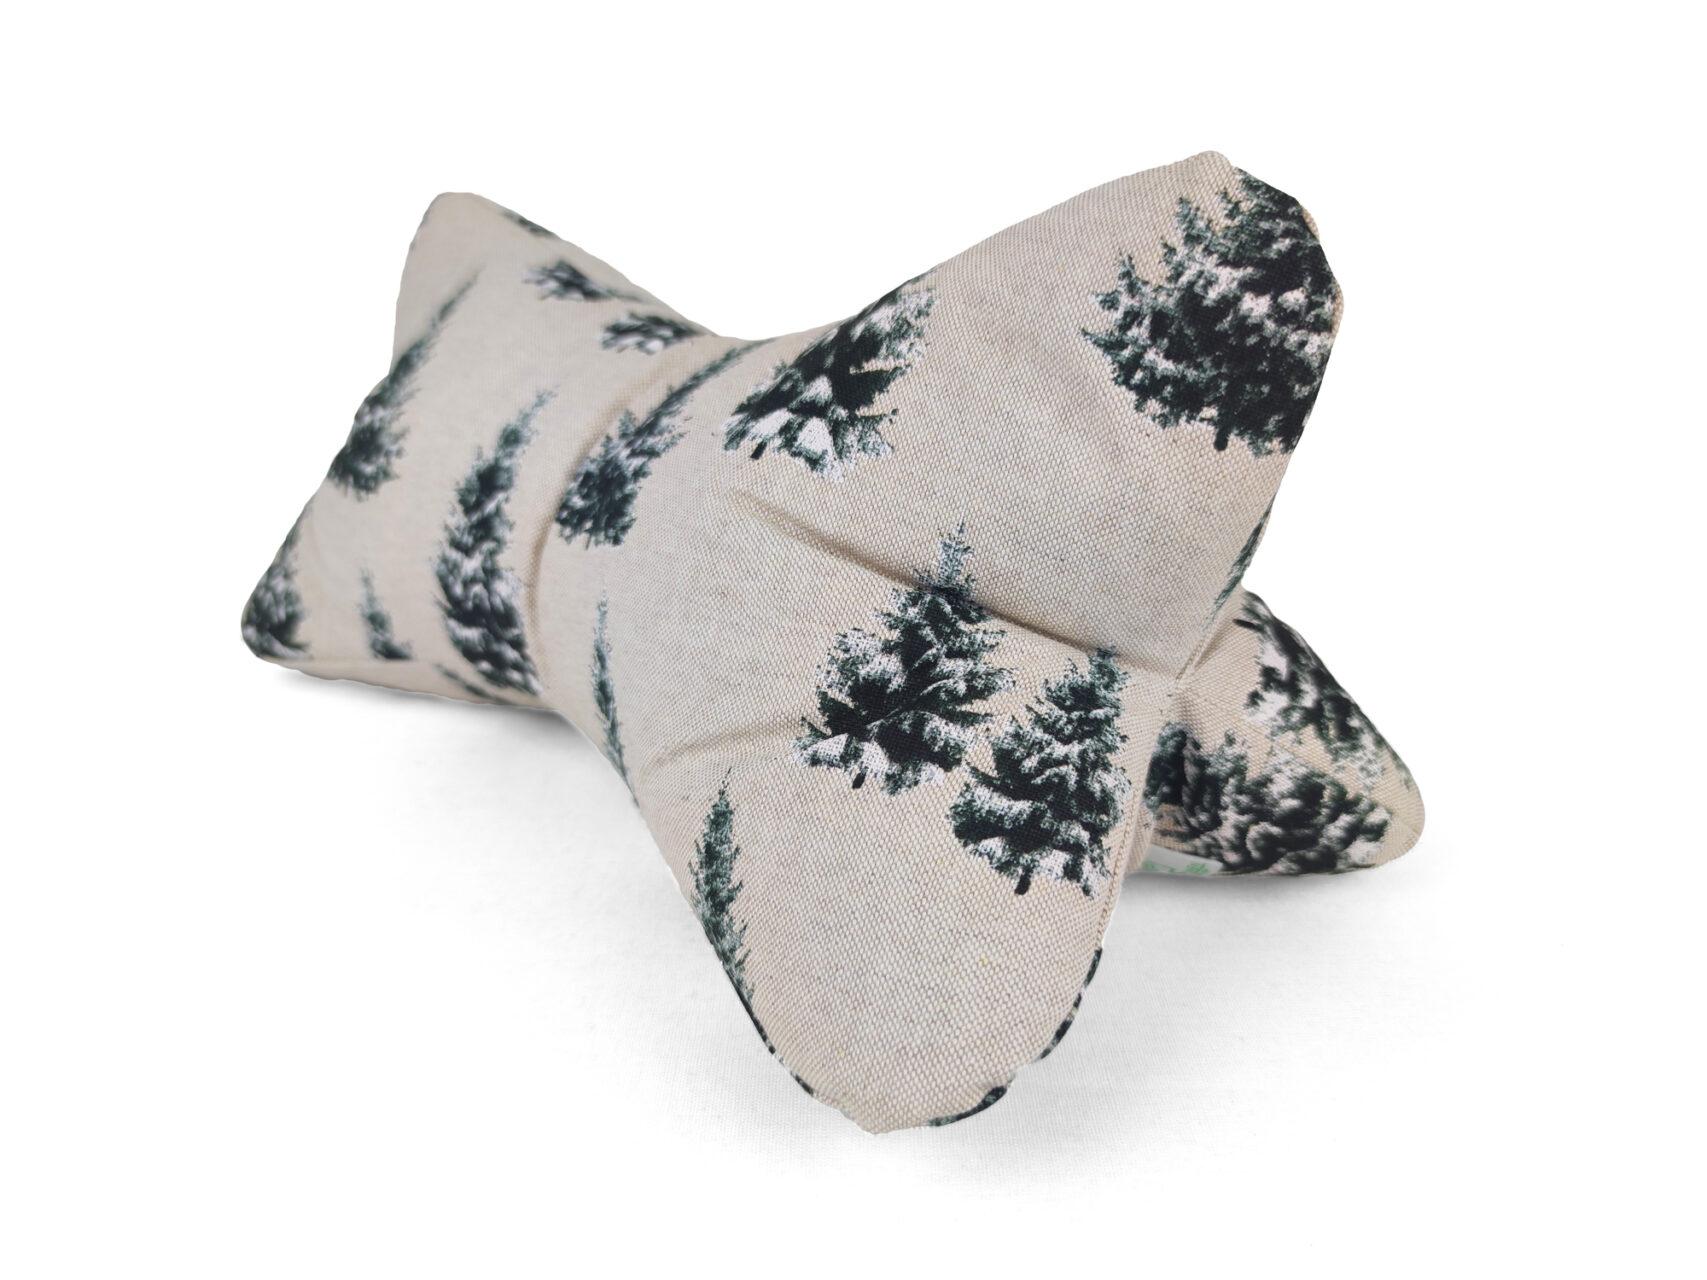 Leseknochen-Tannenbäume-im-Winter-beige-schwarz-weiß